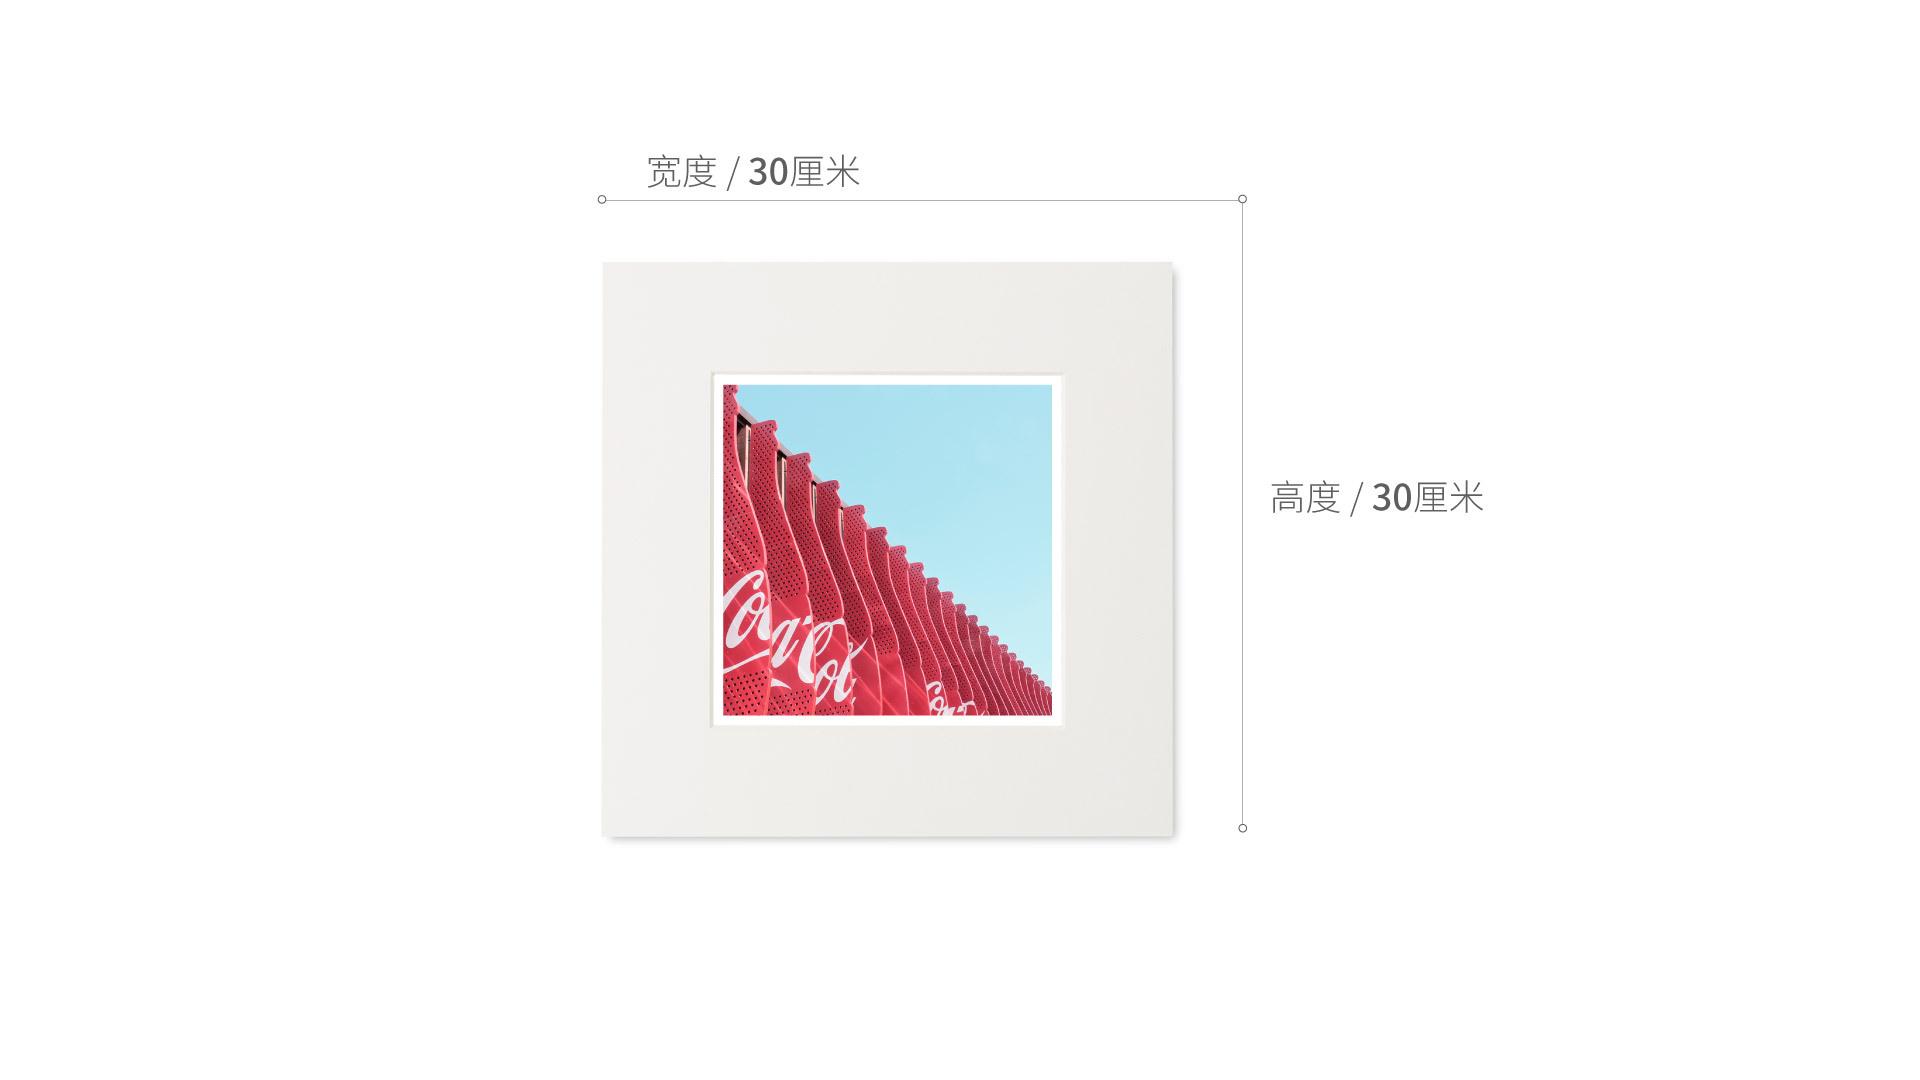 旅行家限量画芯 | Giorgio Stefanoni作品1号-空间之间1(装裱后)装饰效果图